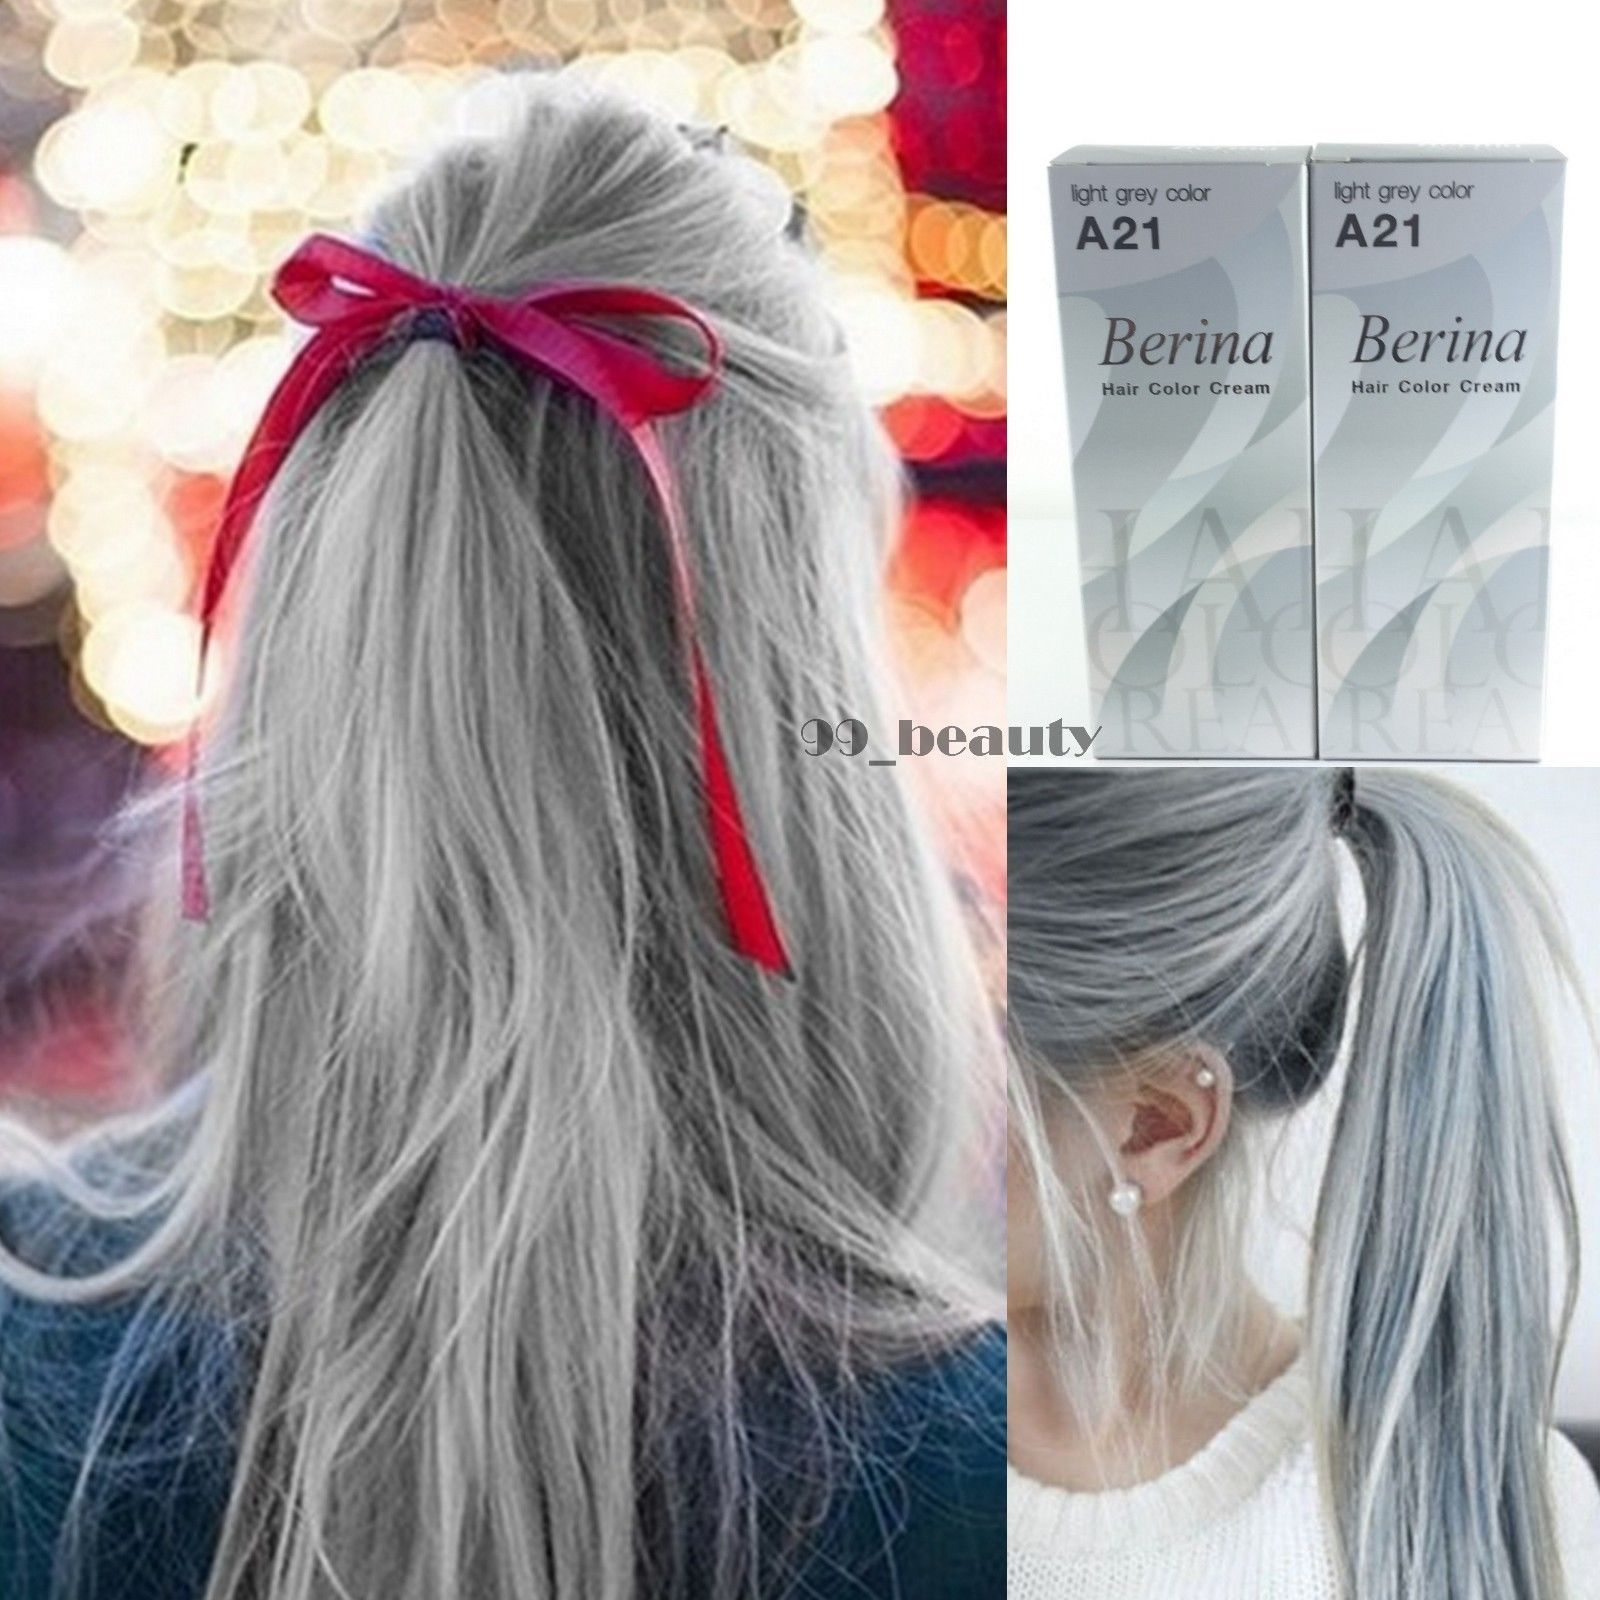 Berina A21 2 Boxes Light Grey Silver Permanent Hair Dye